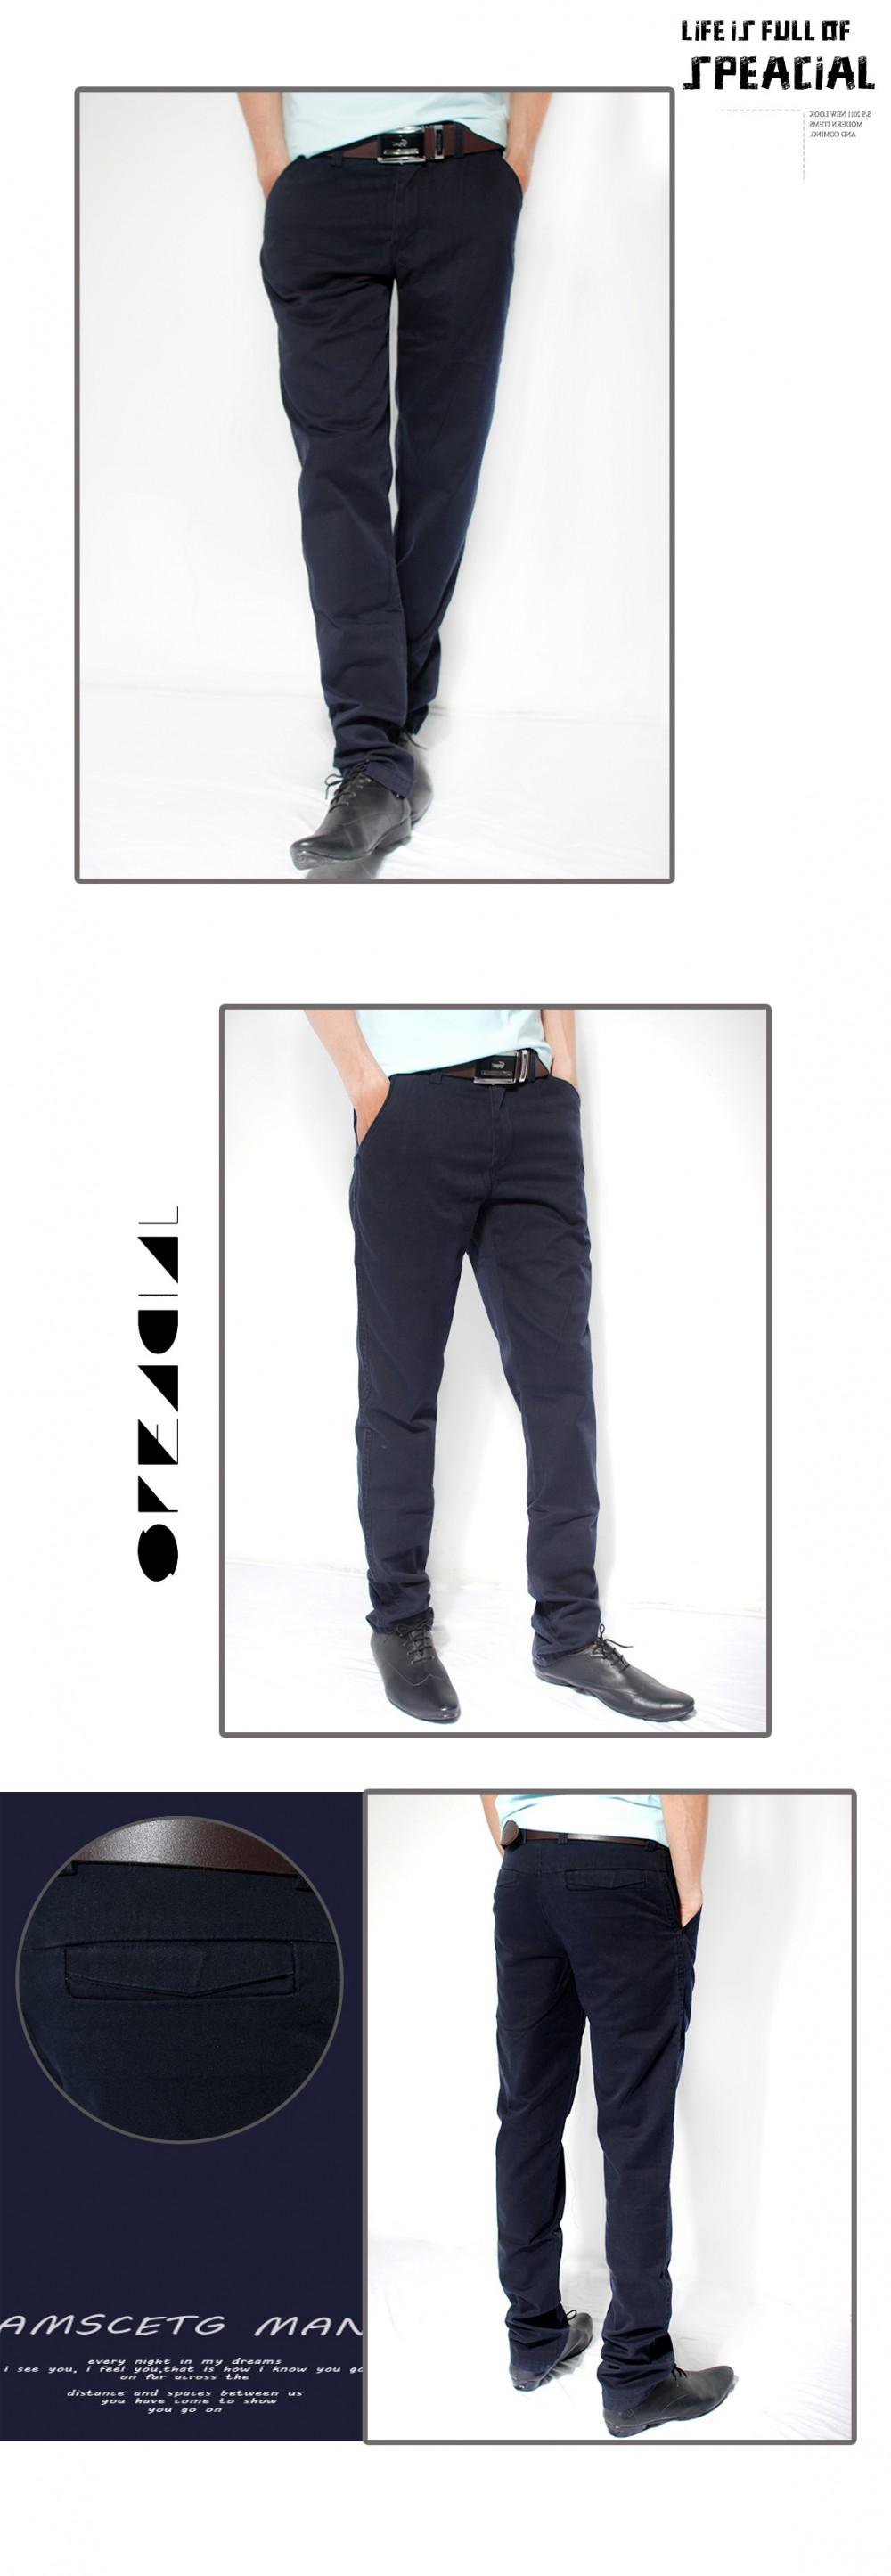 Quần kaki hàn quốc xanh đen qk112 - 1